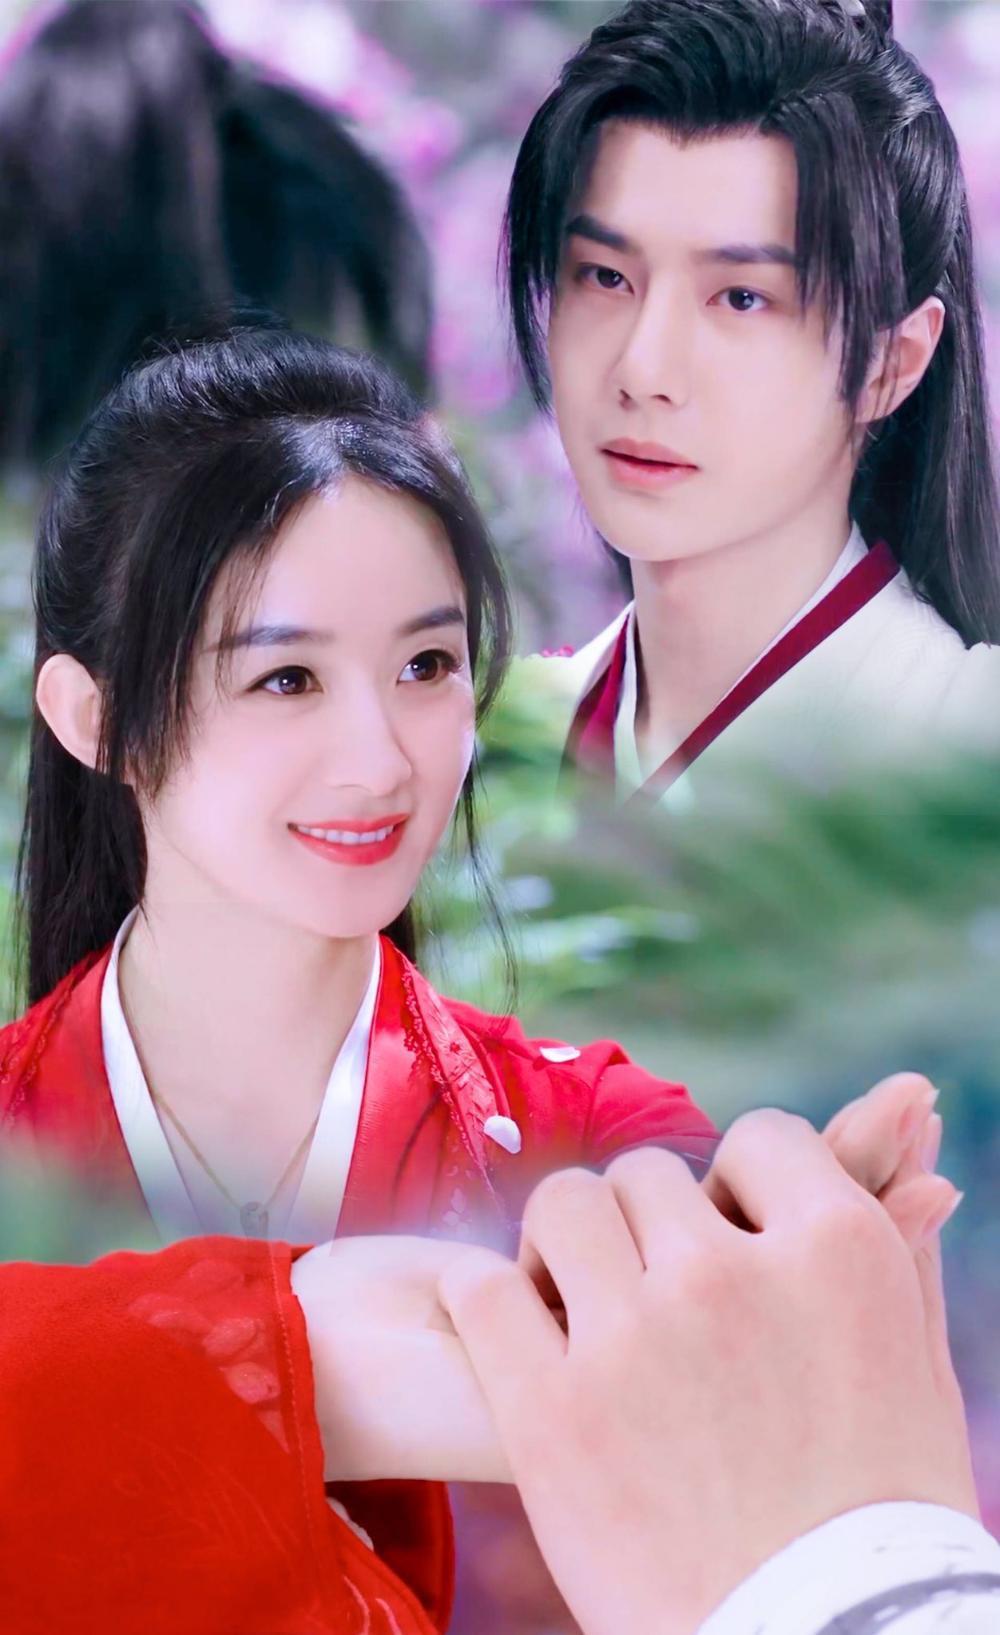 10 diễn viên là 'ông Hoàng bà Hậu' của Cbiz (P1): Vương Nhất Bác toàn năng, Dương Mịch - Lệ Dĩnh thì sao? Ảnh 1